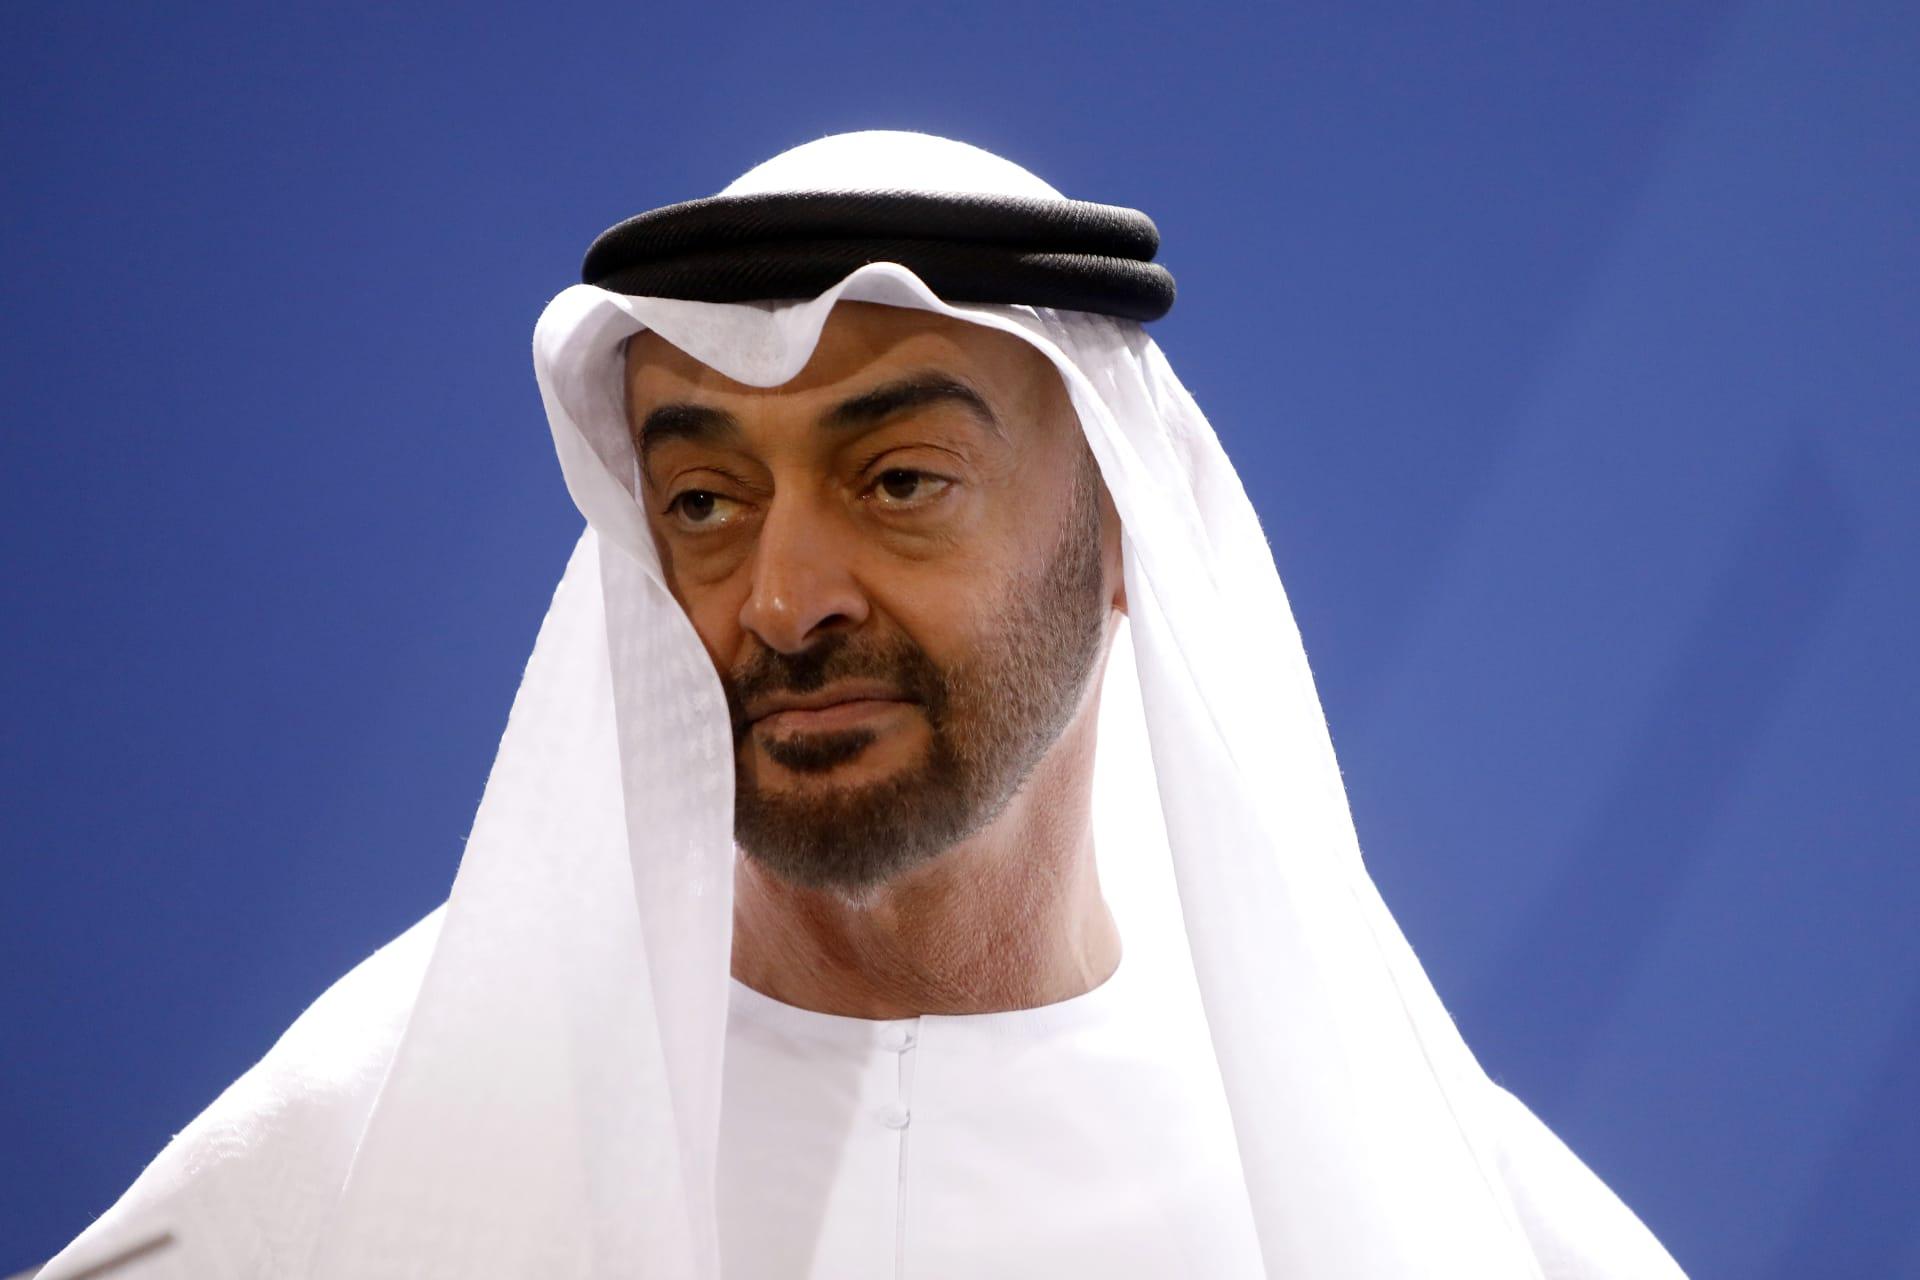 ولي عهد أبوظبي يهنىء بايدن بالرئاسة: الإمارات وأمريكا بينهما تحالف قوي